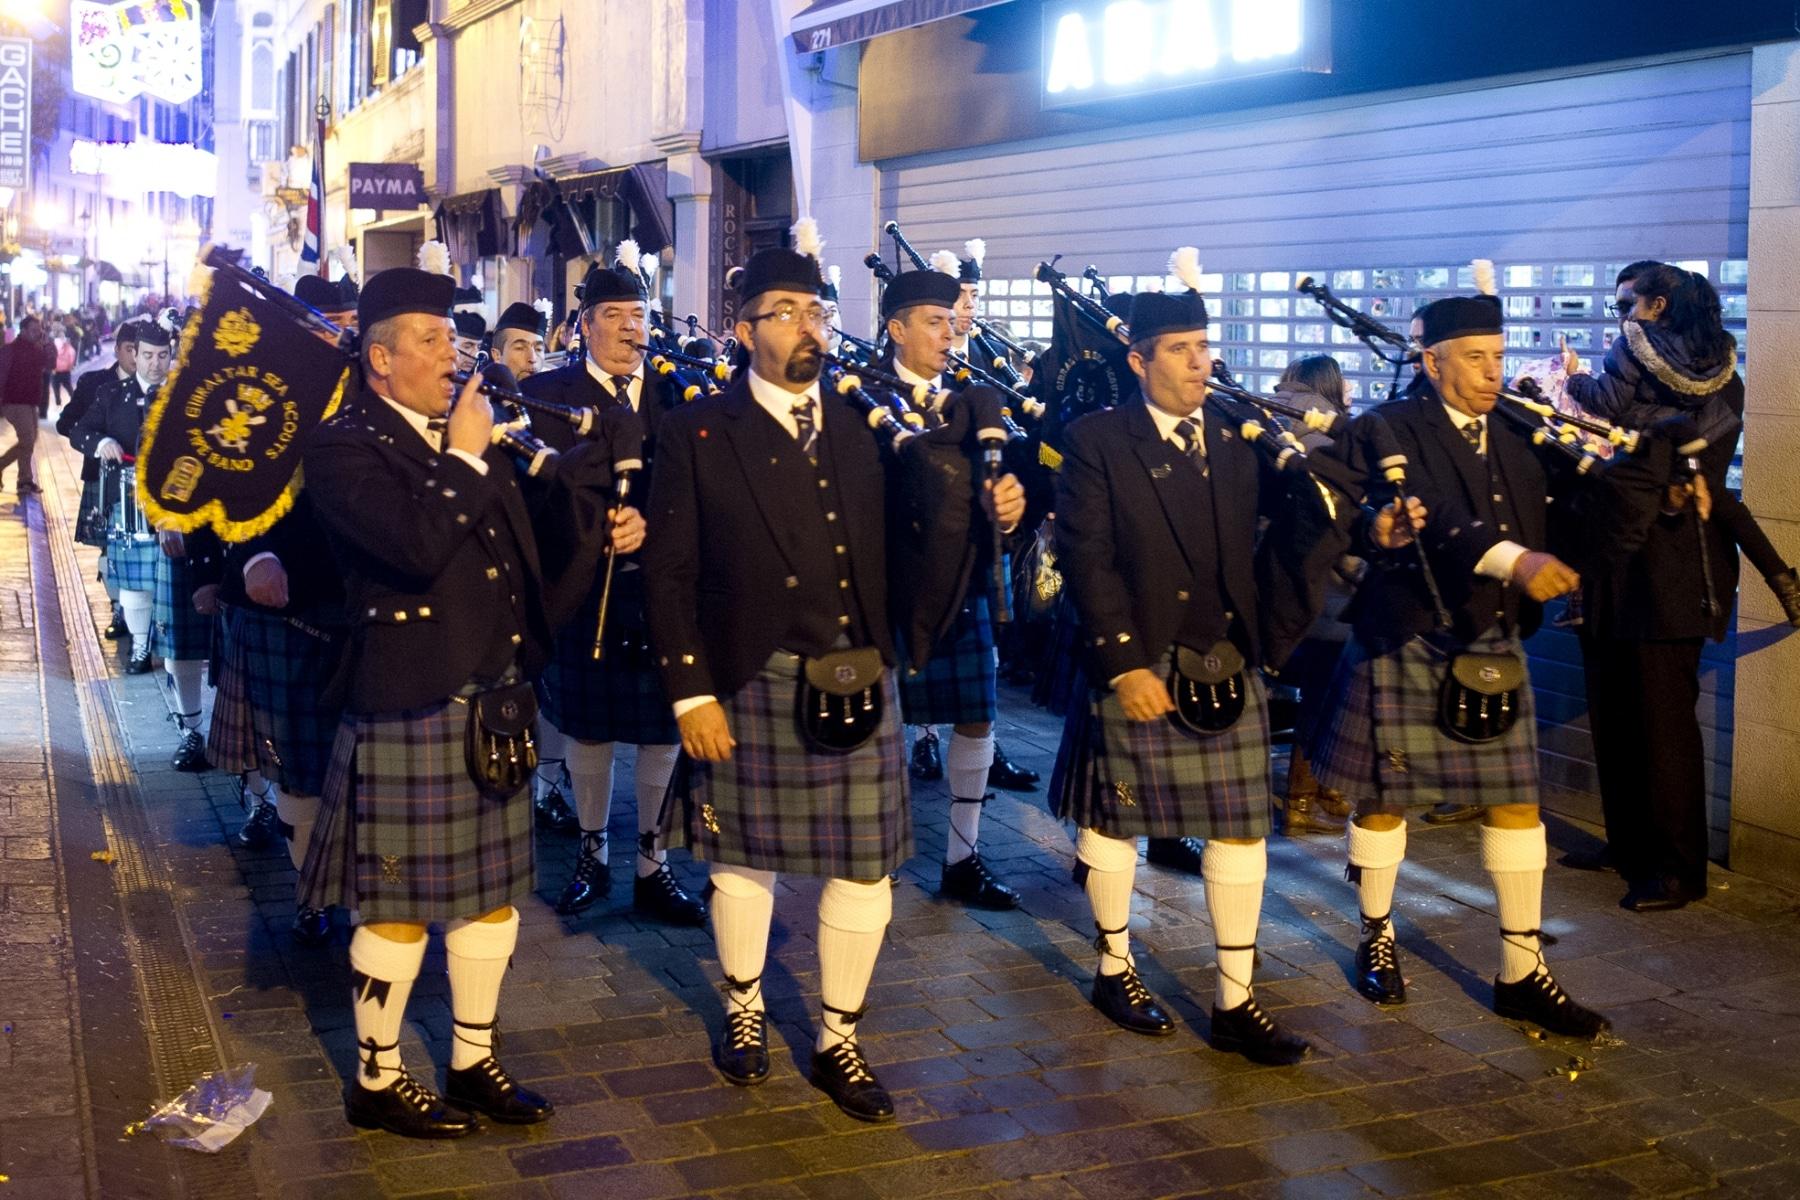 5-enero-2014-cabalgata-de-reyes-gibraltar-21_16196151806_o